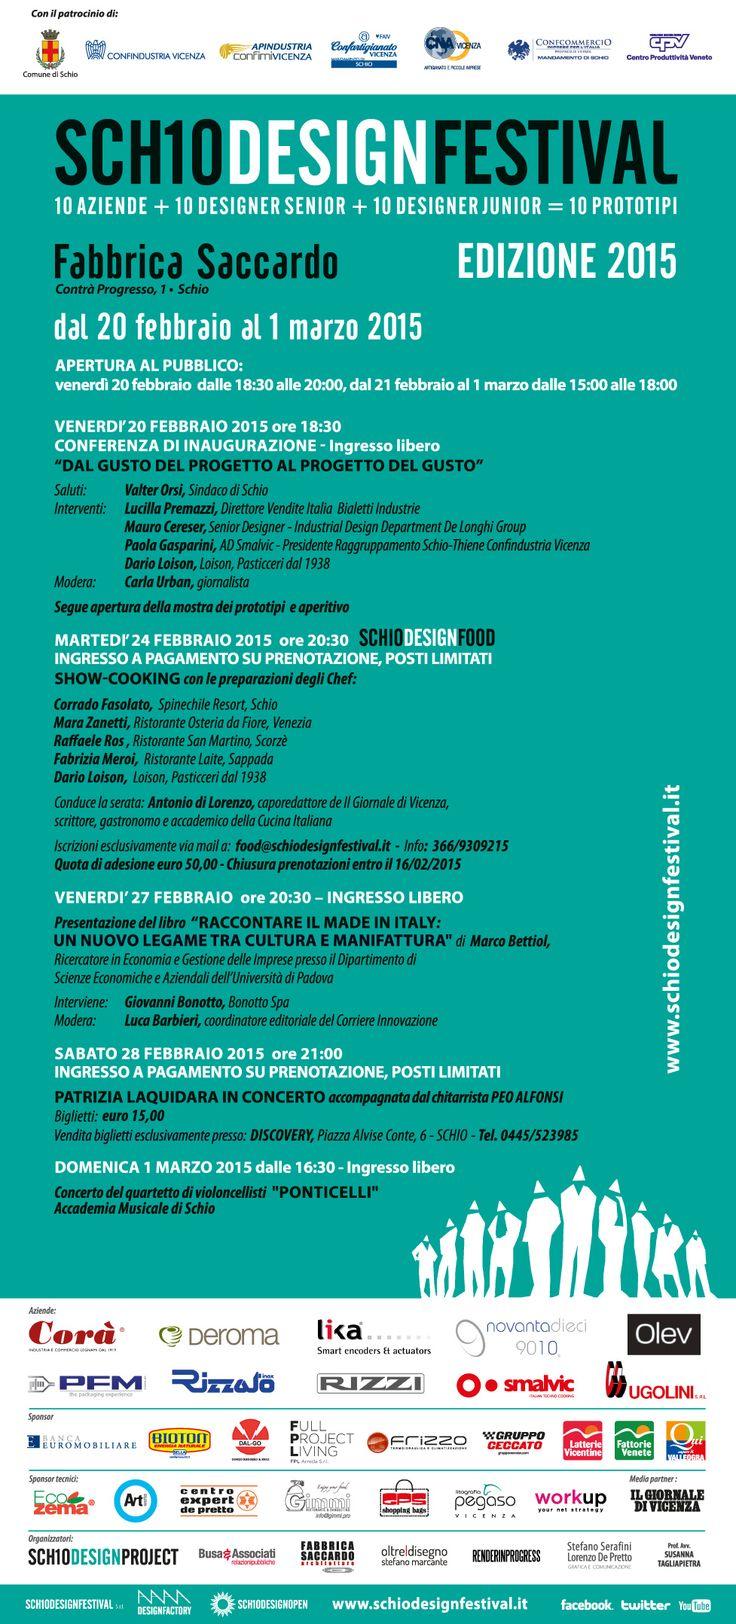 Il calendario degli eventi di #SchioDesignFestival http://www.schiodesignfestival.it/ #Lika #encoder